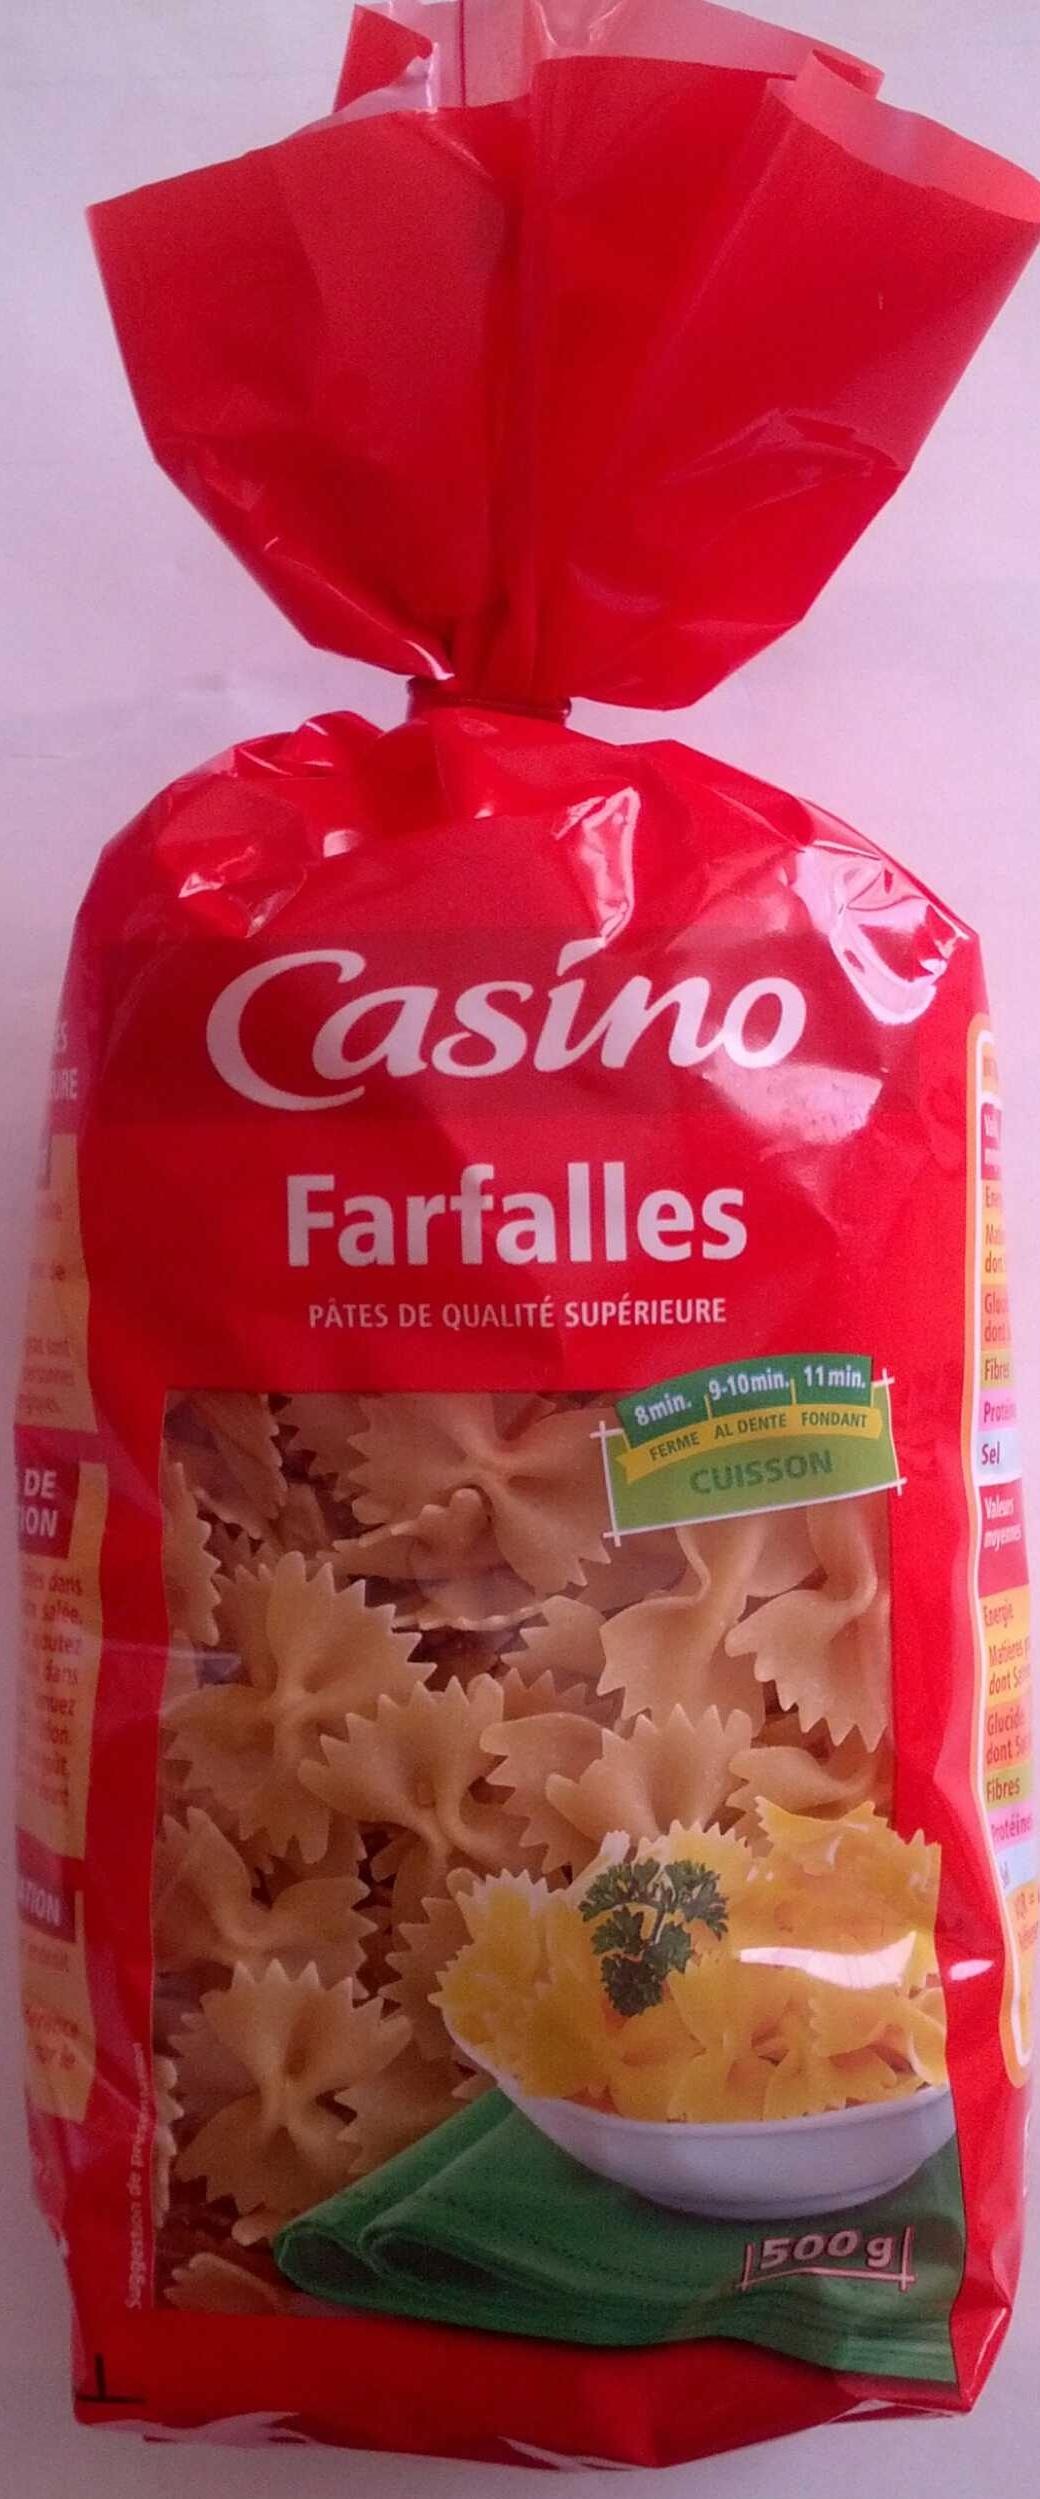 Farfalles - pâtes de qualité supérieure - Product - fr